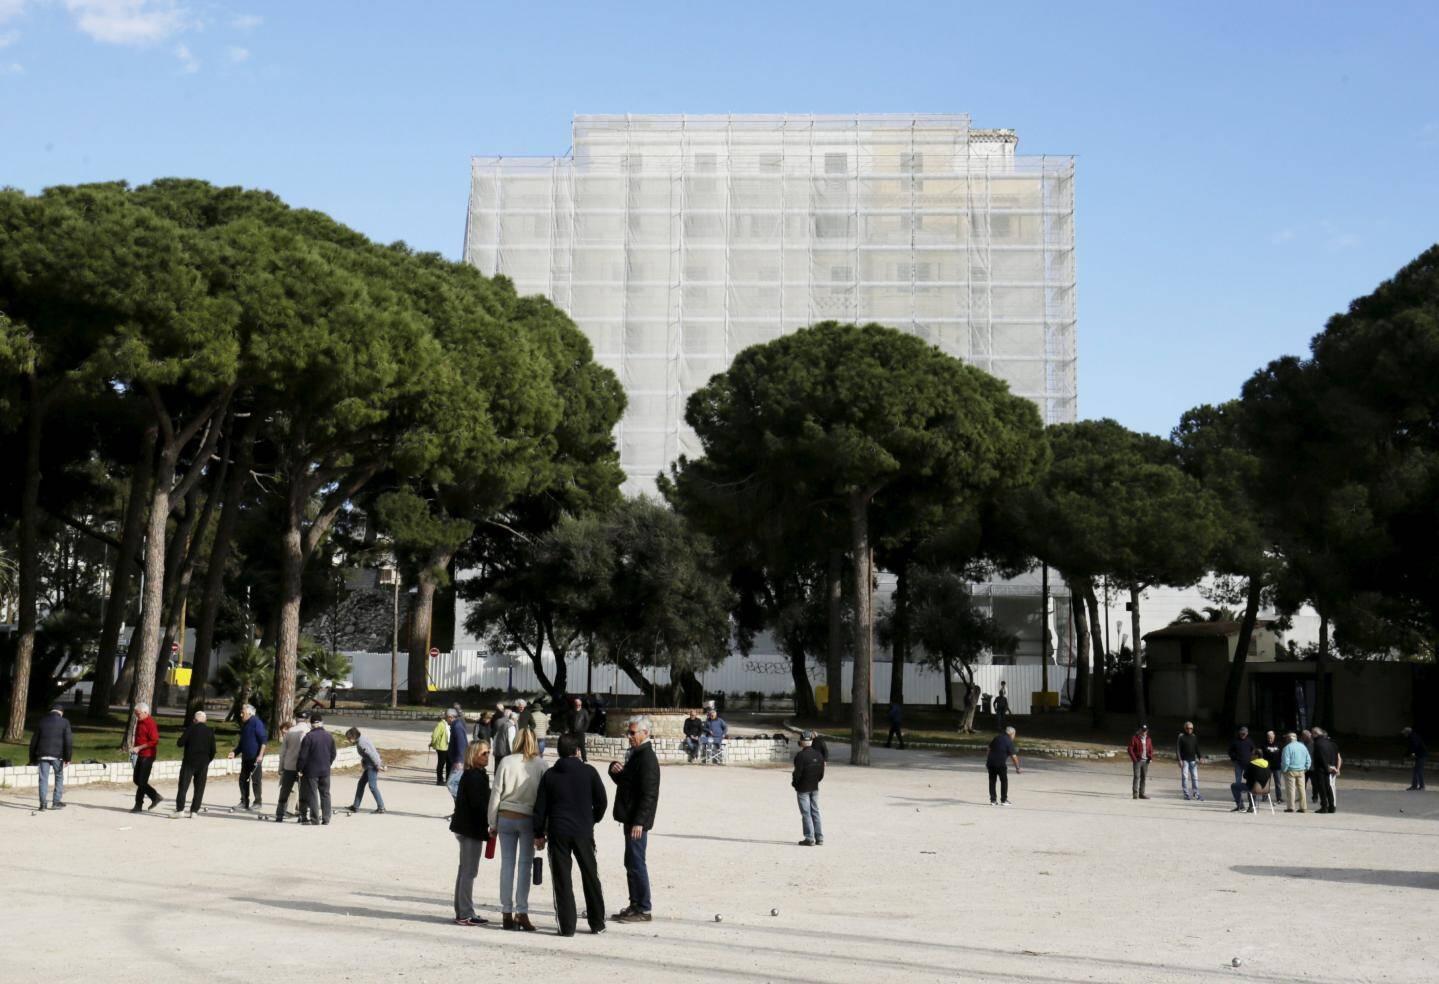 Le chantier du Provençal est lancé. Un échafaudage a été installé sur l'ensemble de la façade du bâtiment avec des travaux de sécurisation qui donnent cet aspect d'empaquetage vu de loin.